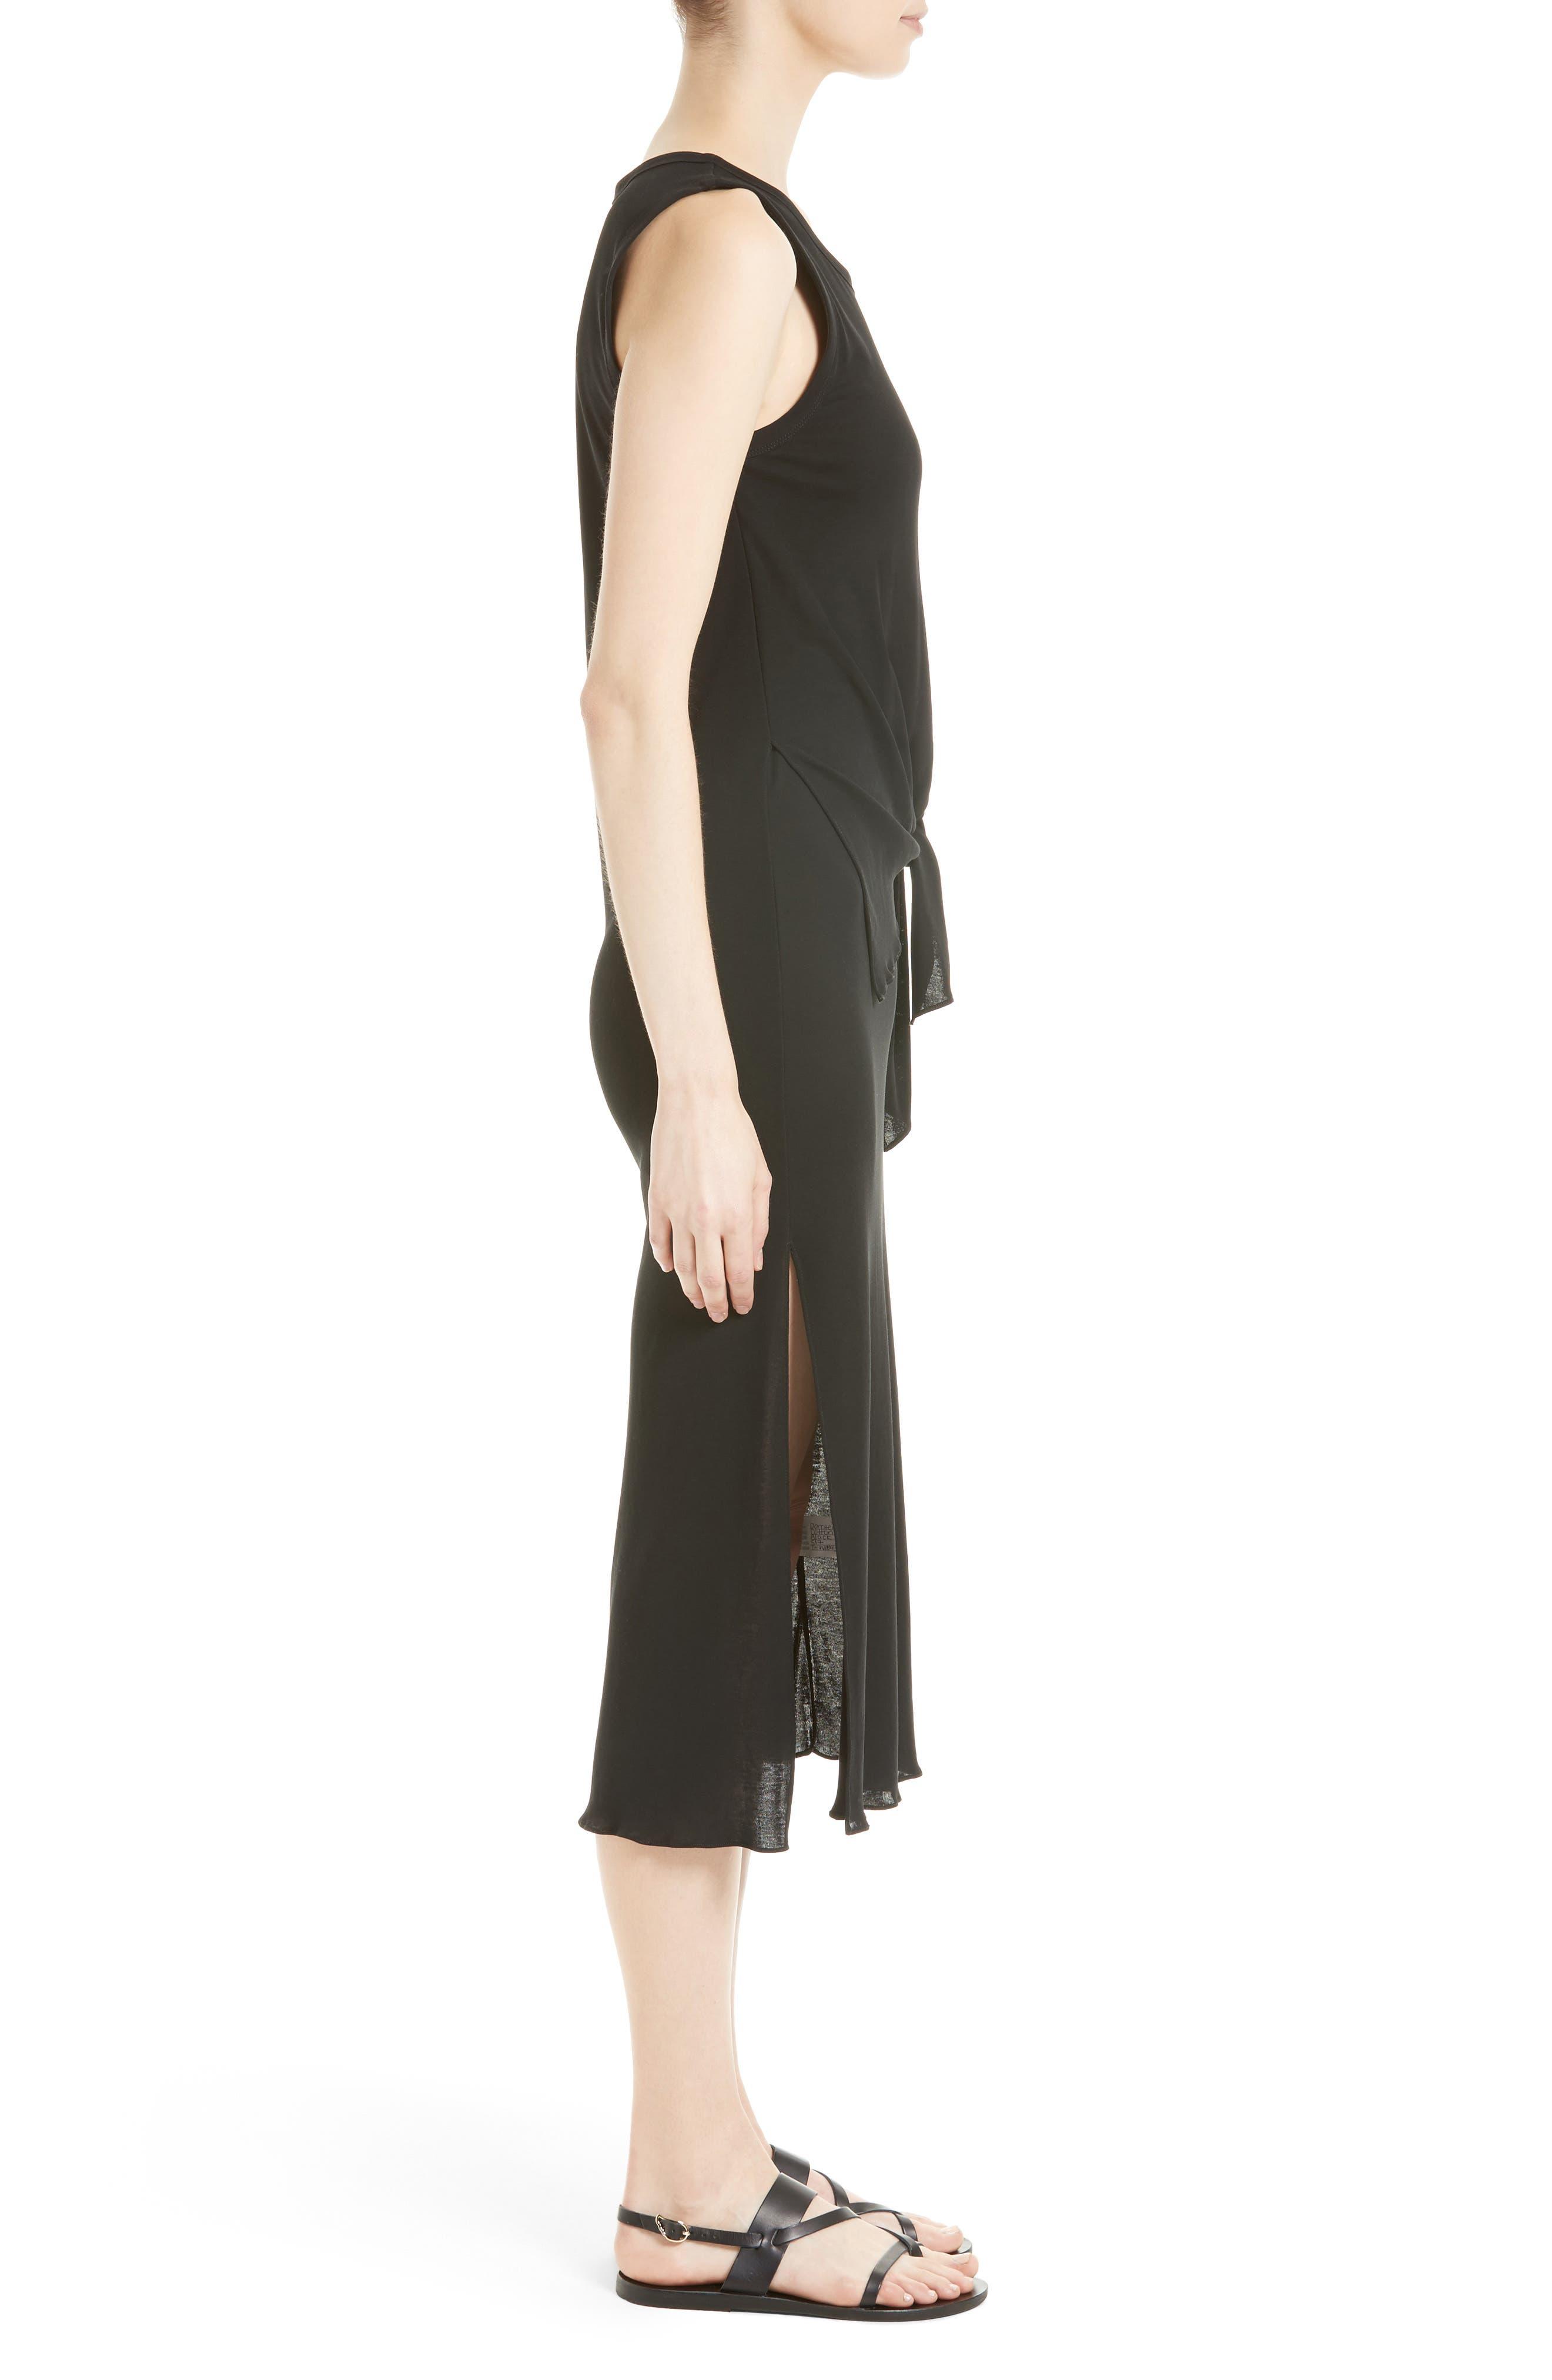 Dorotea K Tie Front Cotton Interlock Dress,                             Alternate thumbnail 3, color,                             001